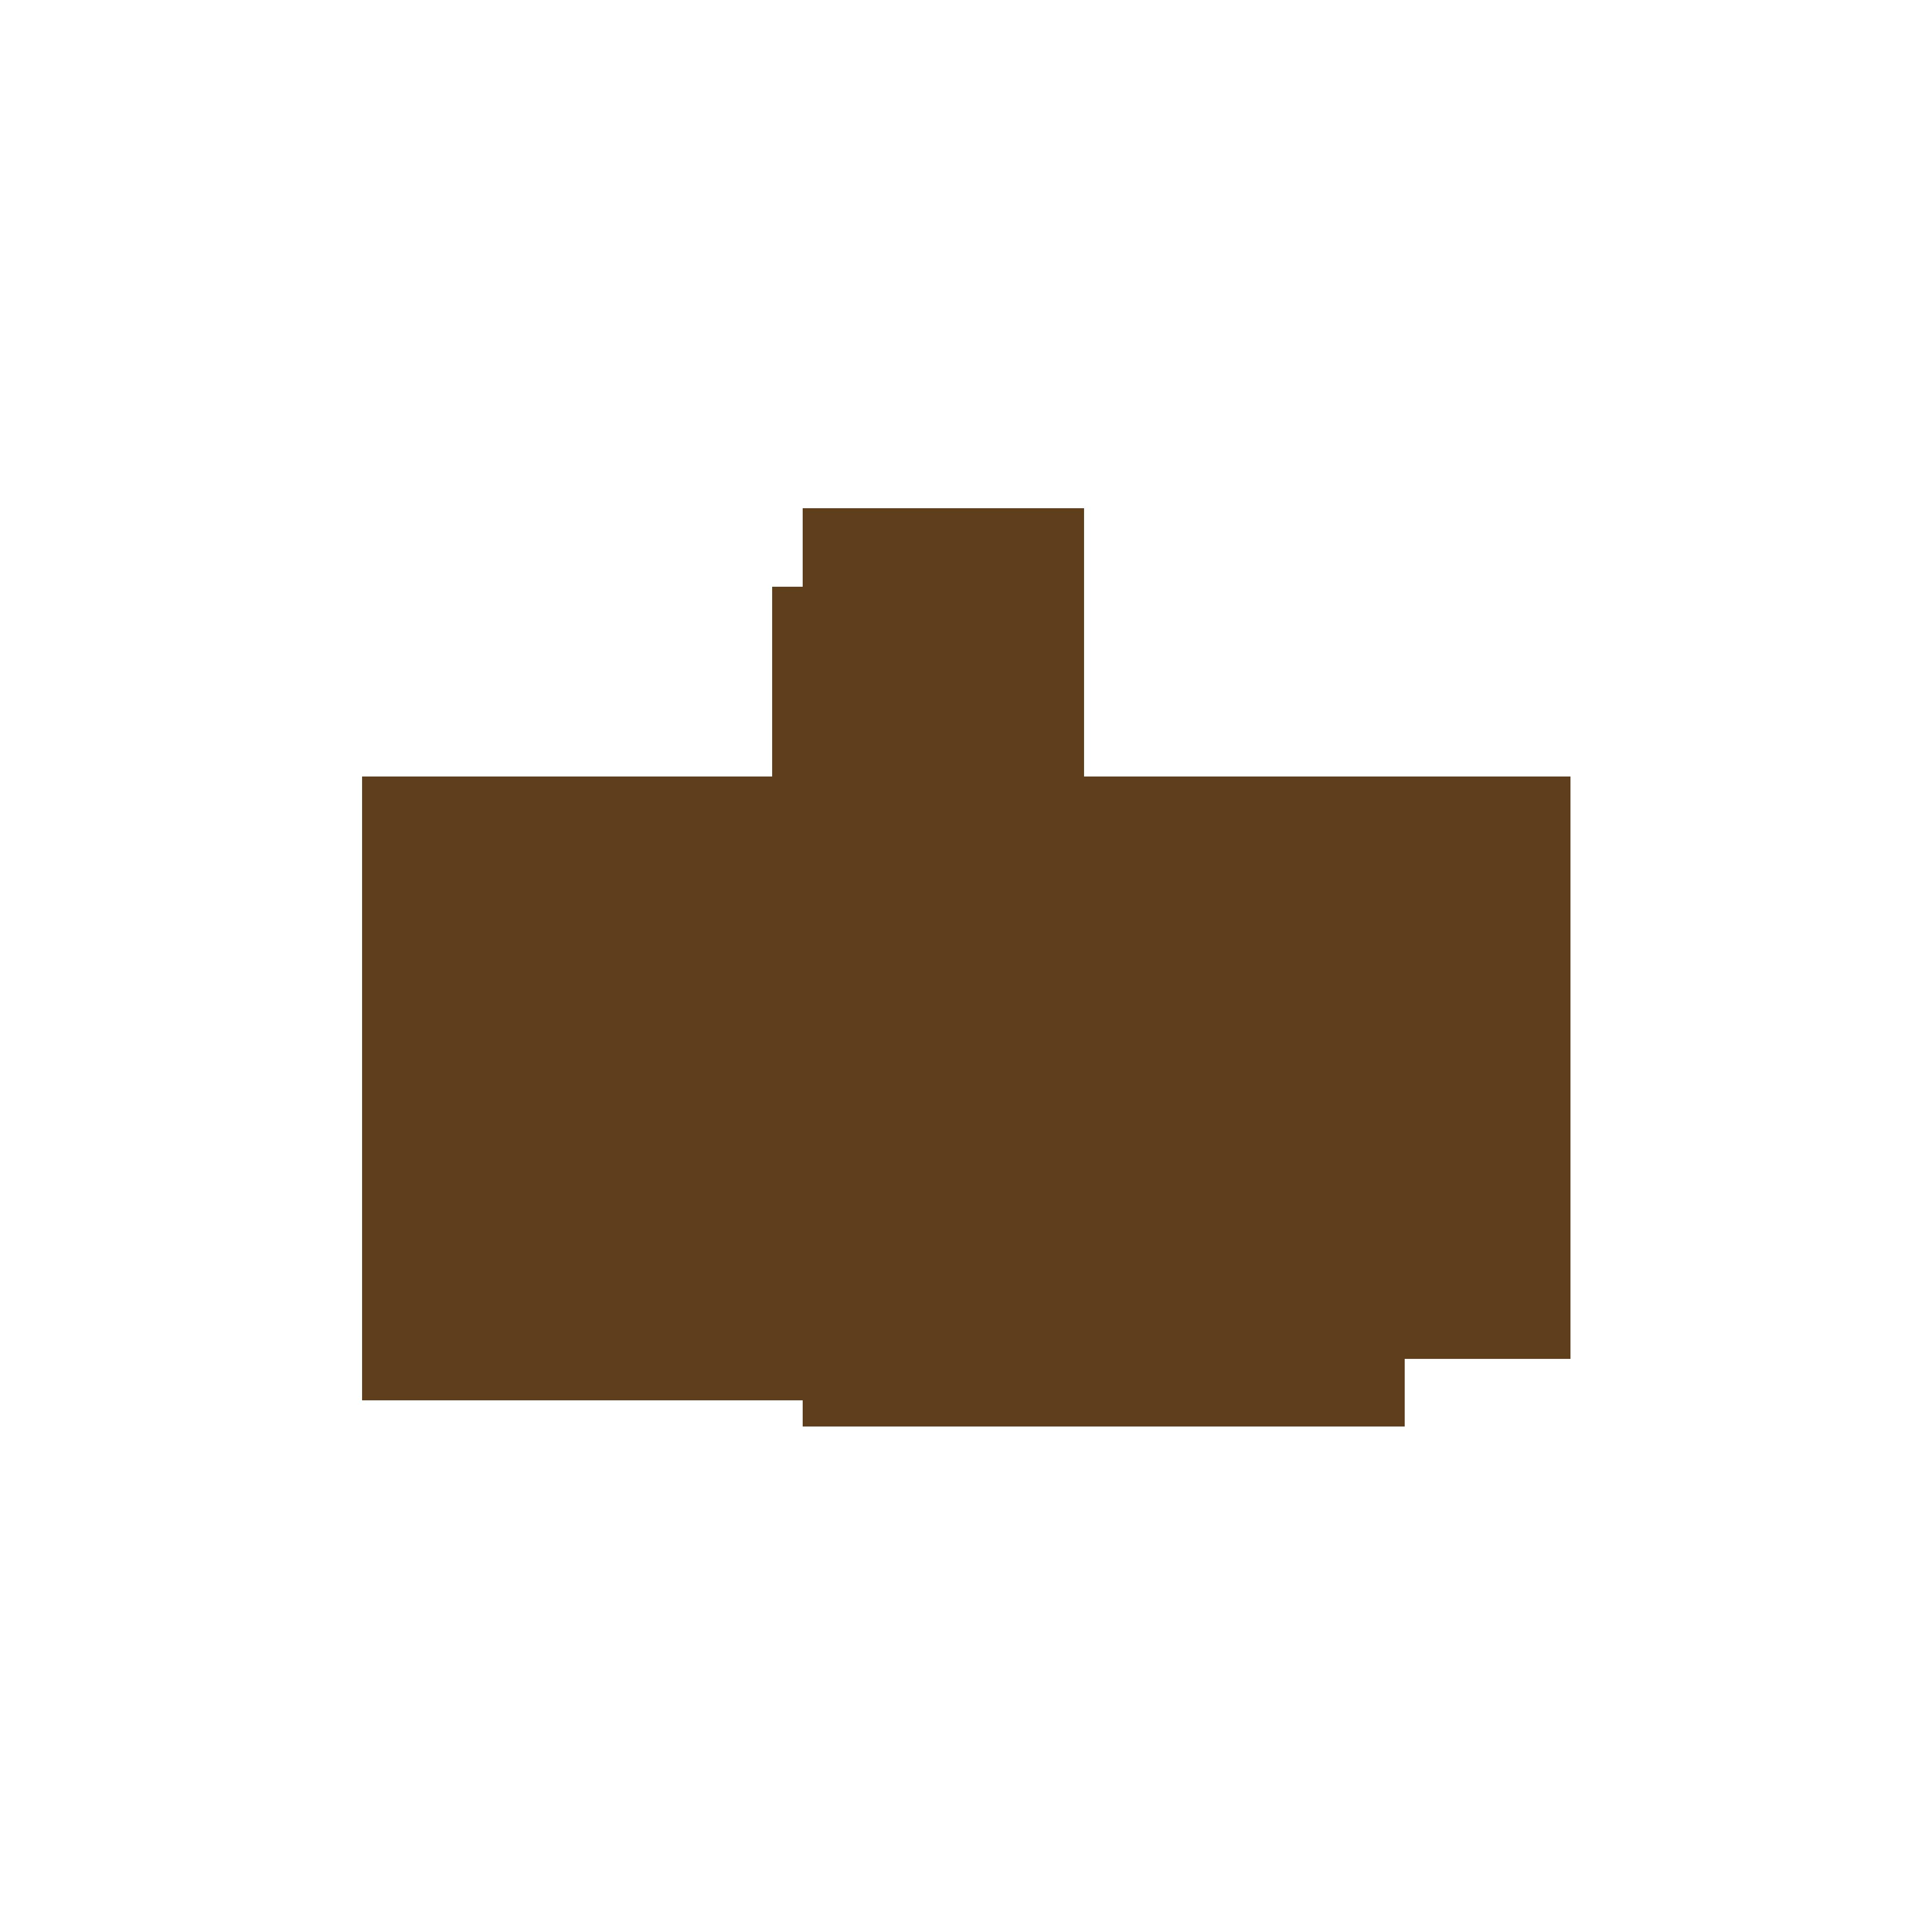 carduus-carciofo-amaro-brindisi-acquistaonline-consegnadomicilio